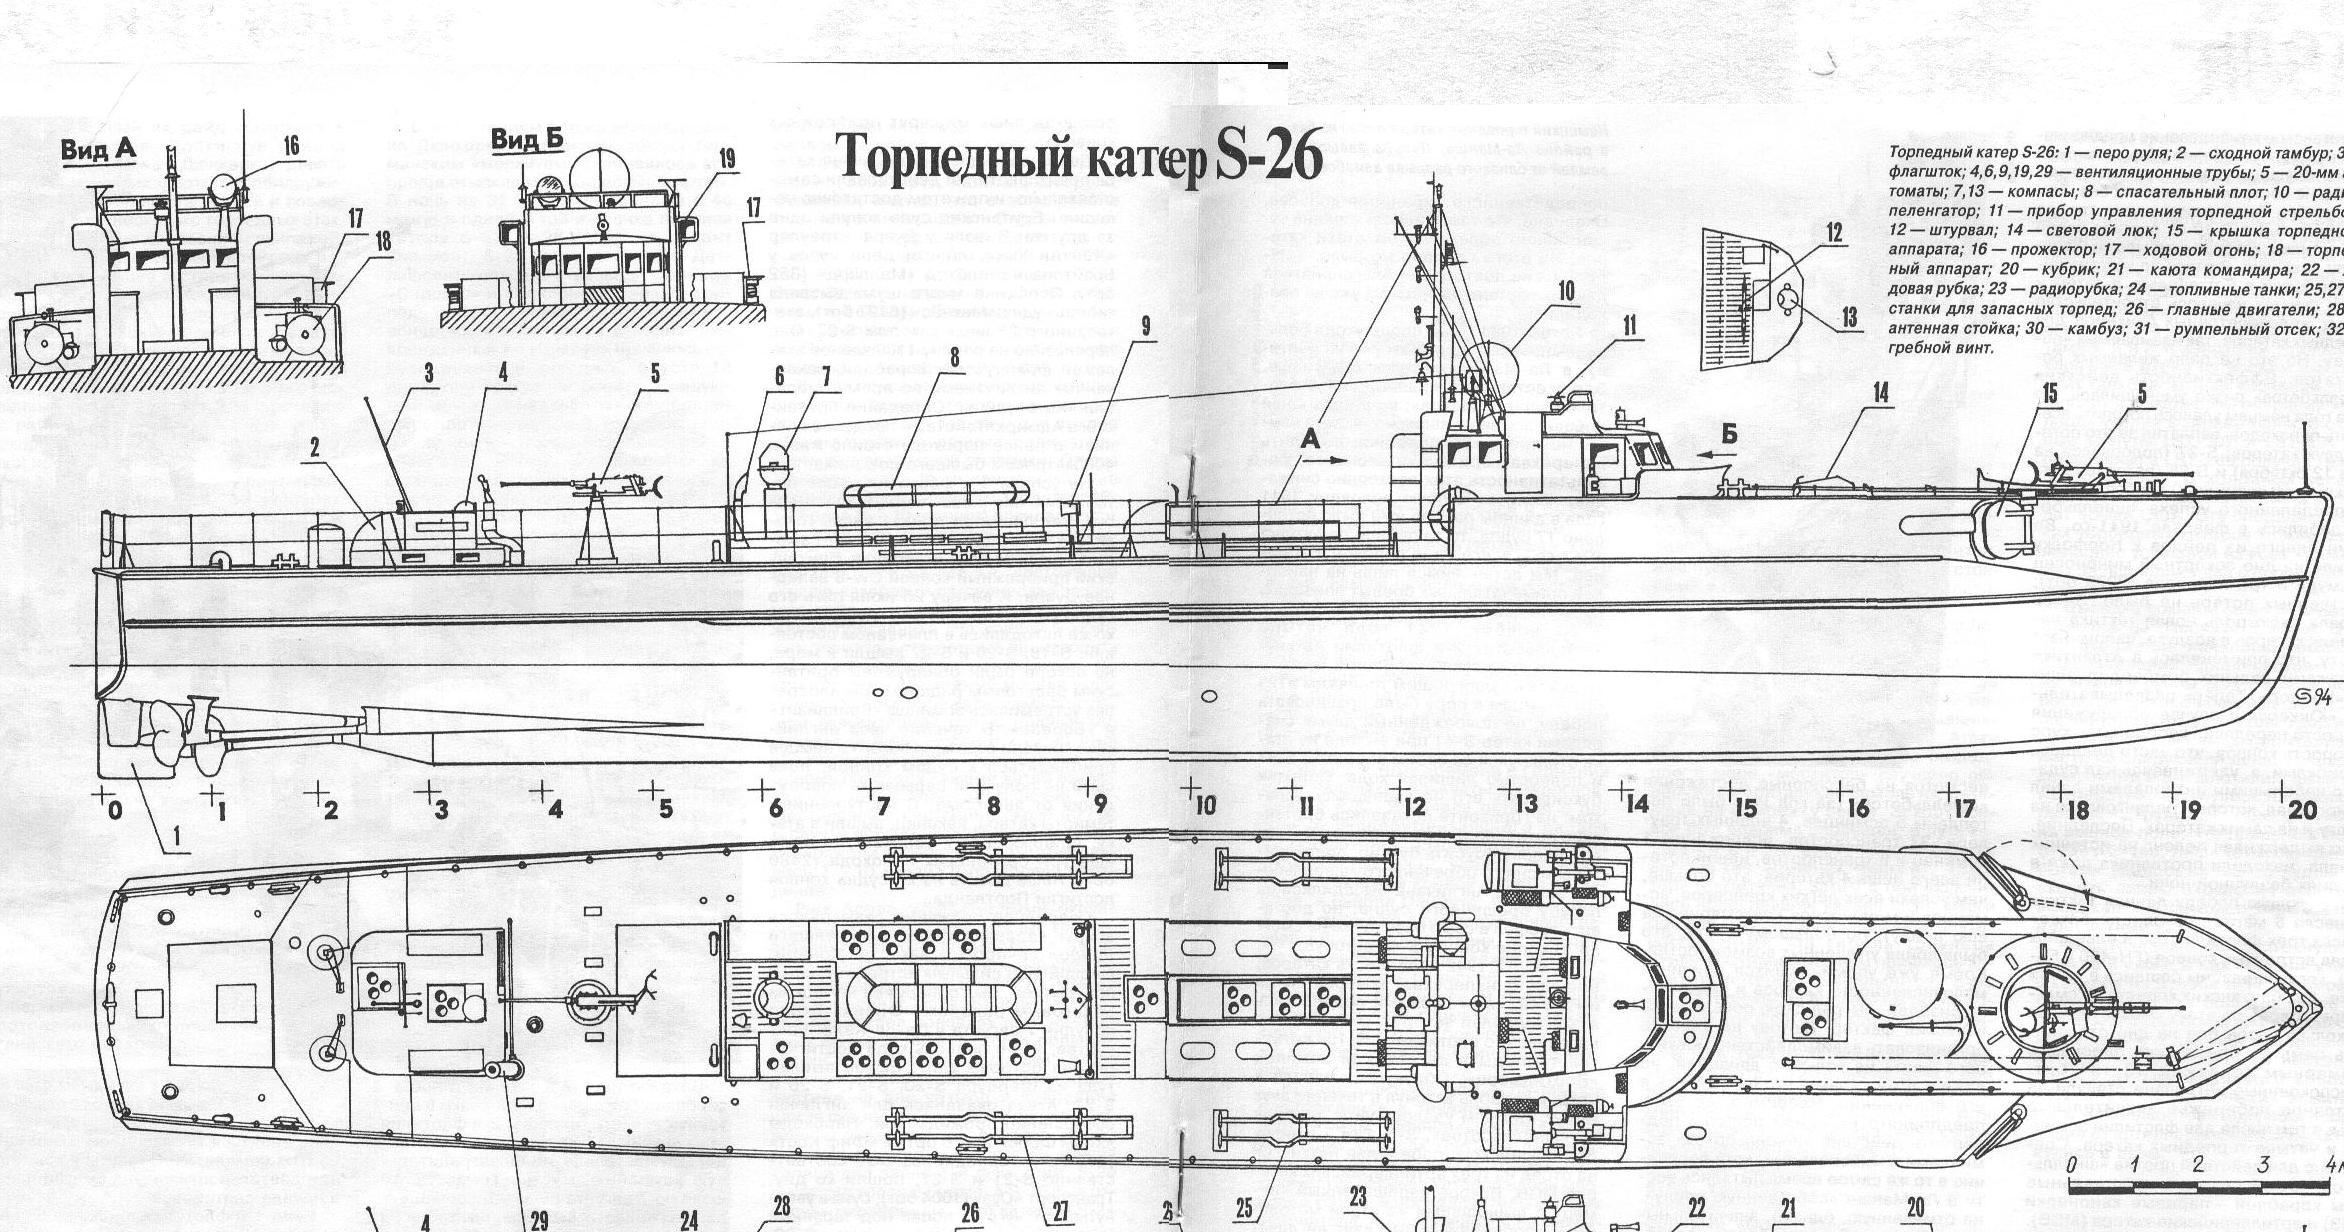 Index Of Infgral Schnellboote Planosyperfiles Archivos